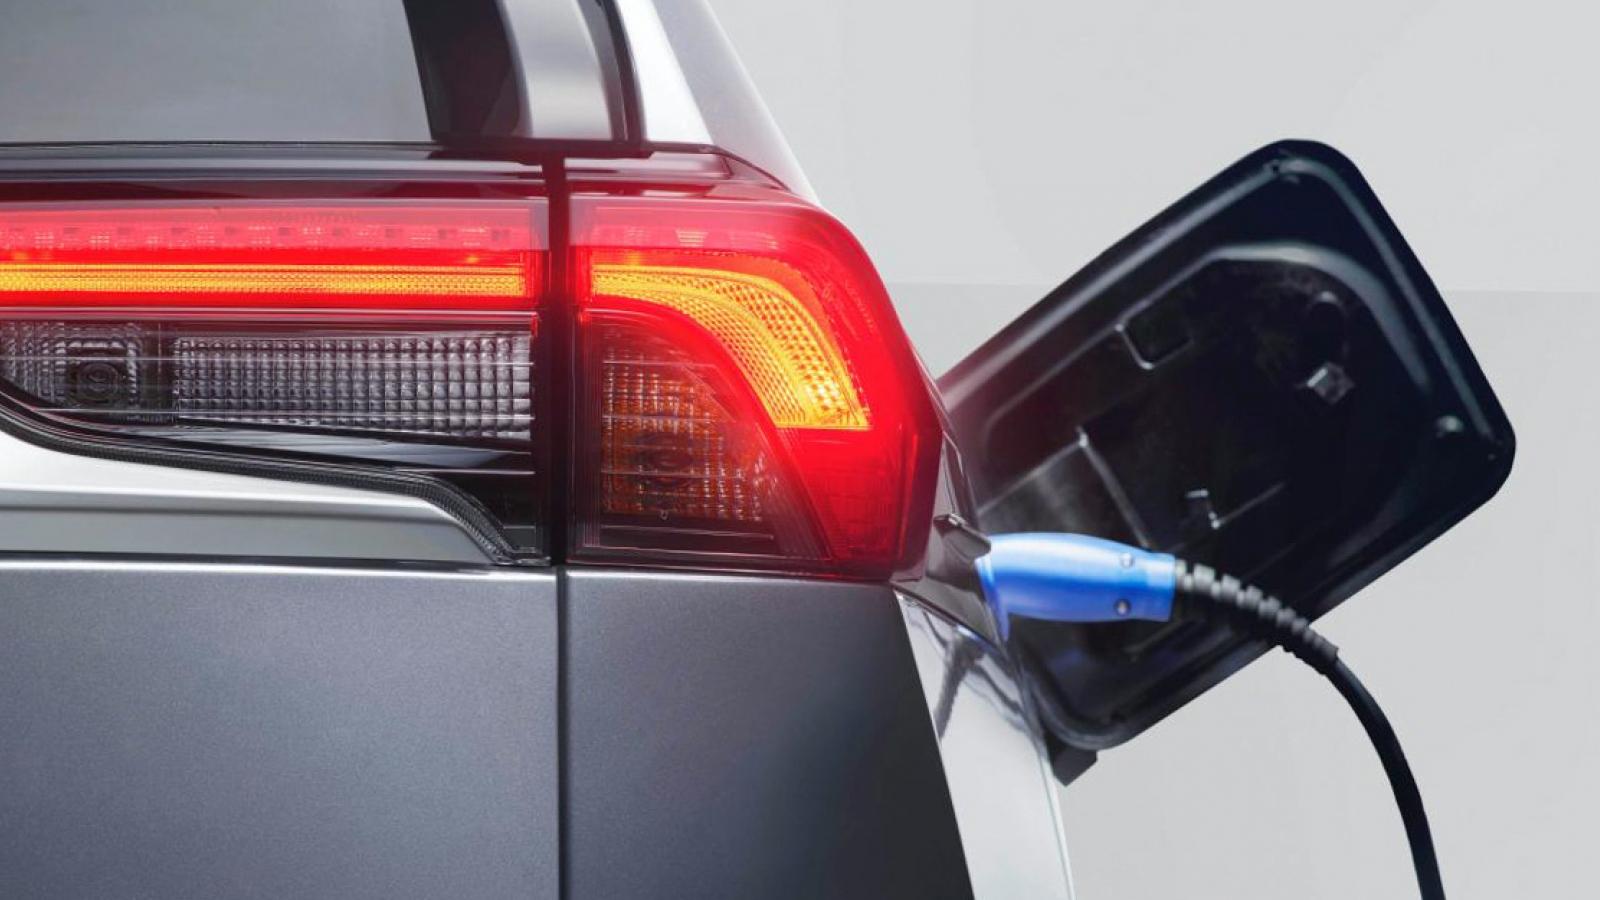 Các nhà sản xuất ô tô đang mất hàng tỷ USD để giải quyết các vấn đề về xe điện của họ